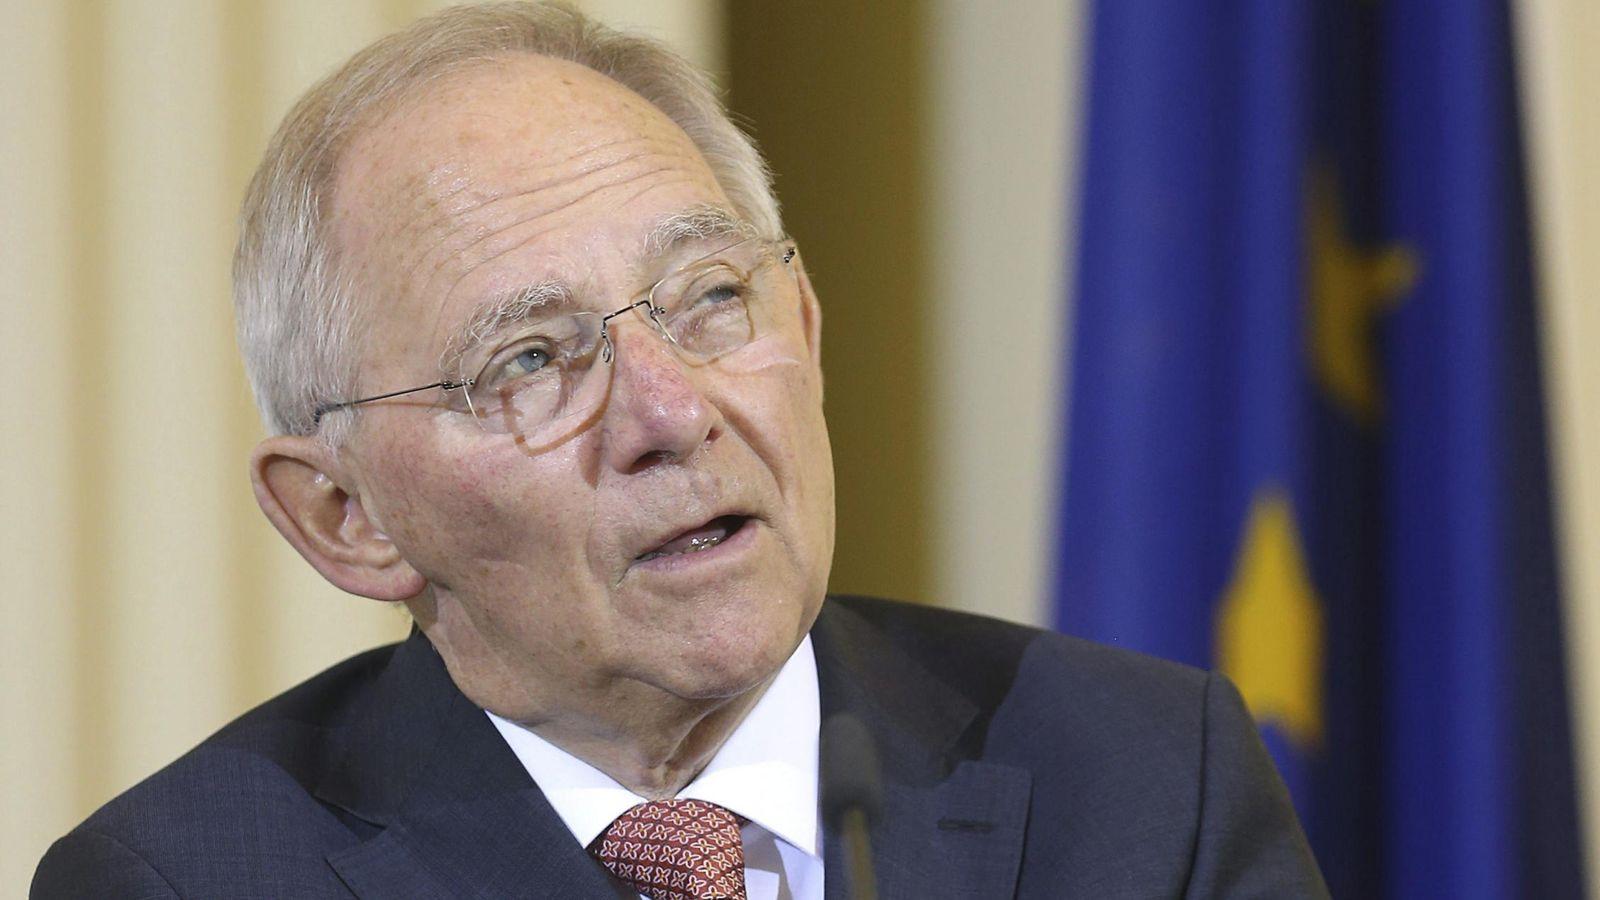 Foto: El ministro de Finanzas alemán, Wolfang Schäuble (EFE)